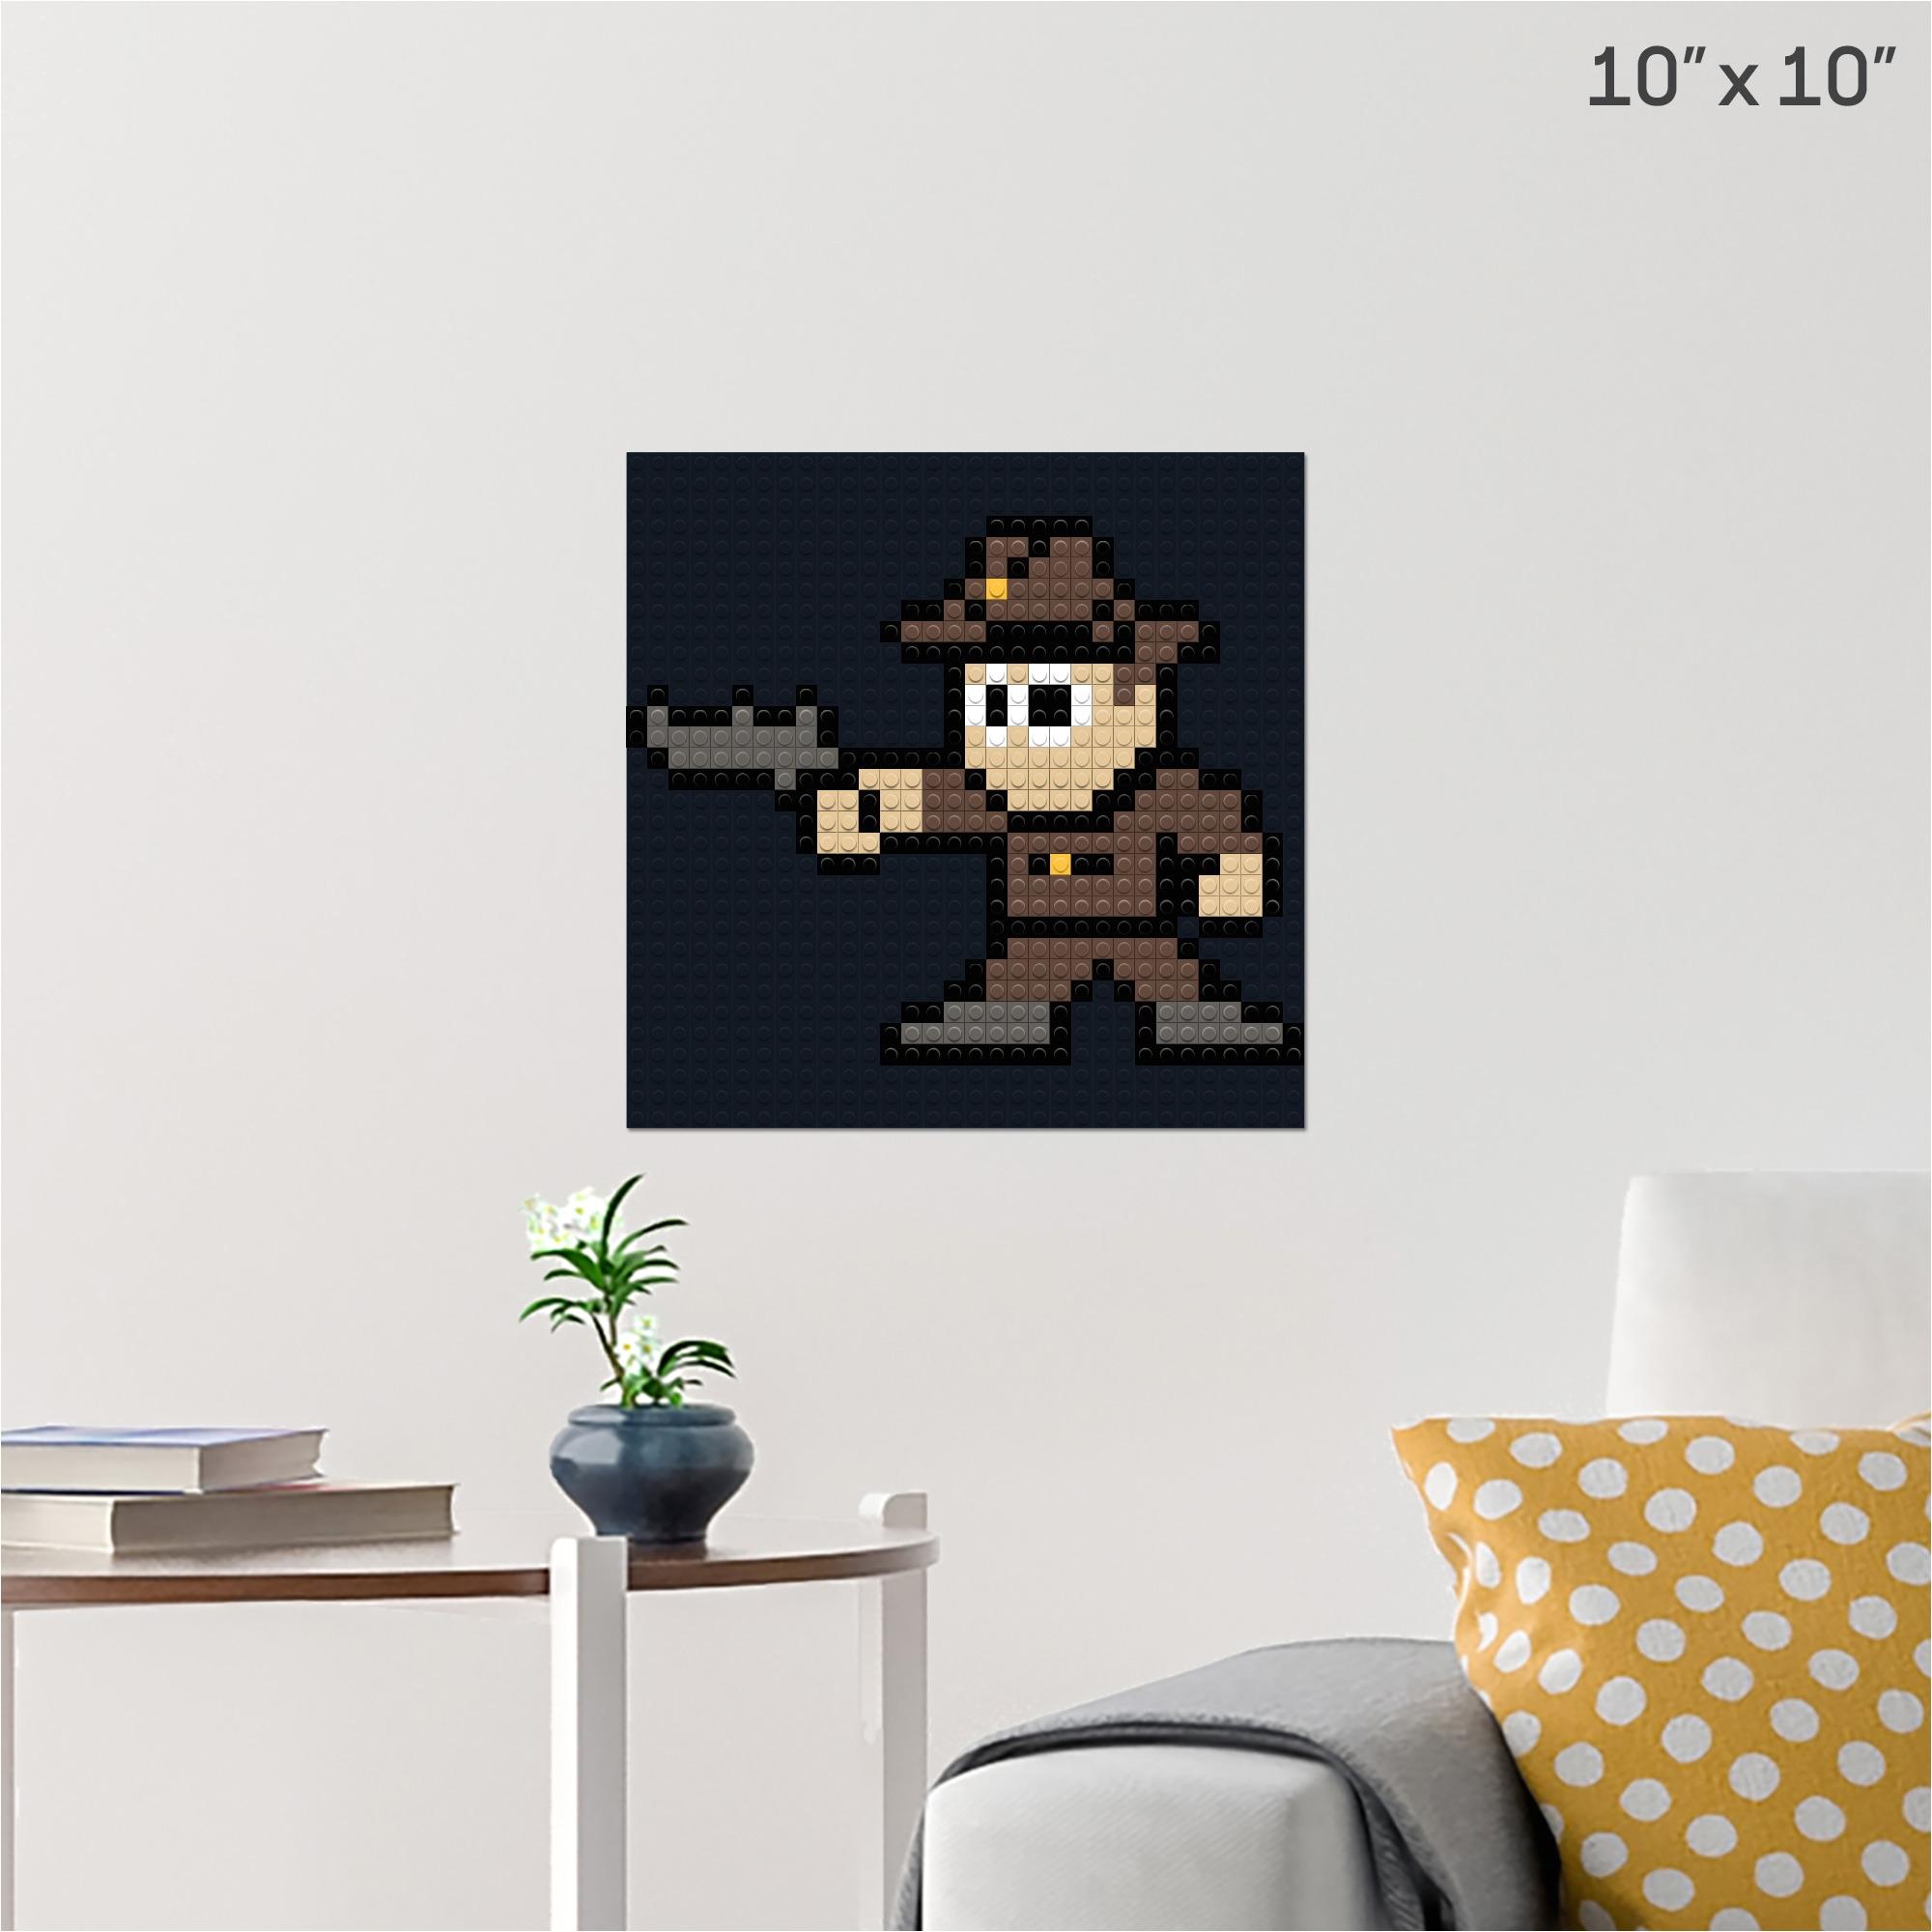 walking dead rick pixel art pixel brik wall poster 1x1 black building bricks 5a24f9bdf6c96a8d29720c6e jpg